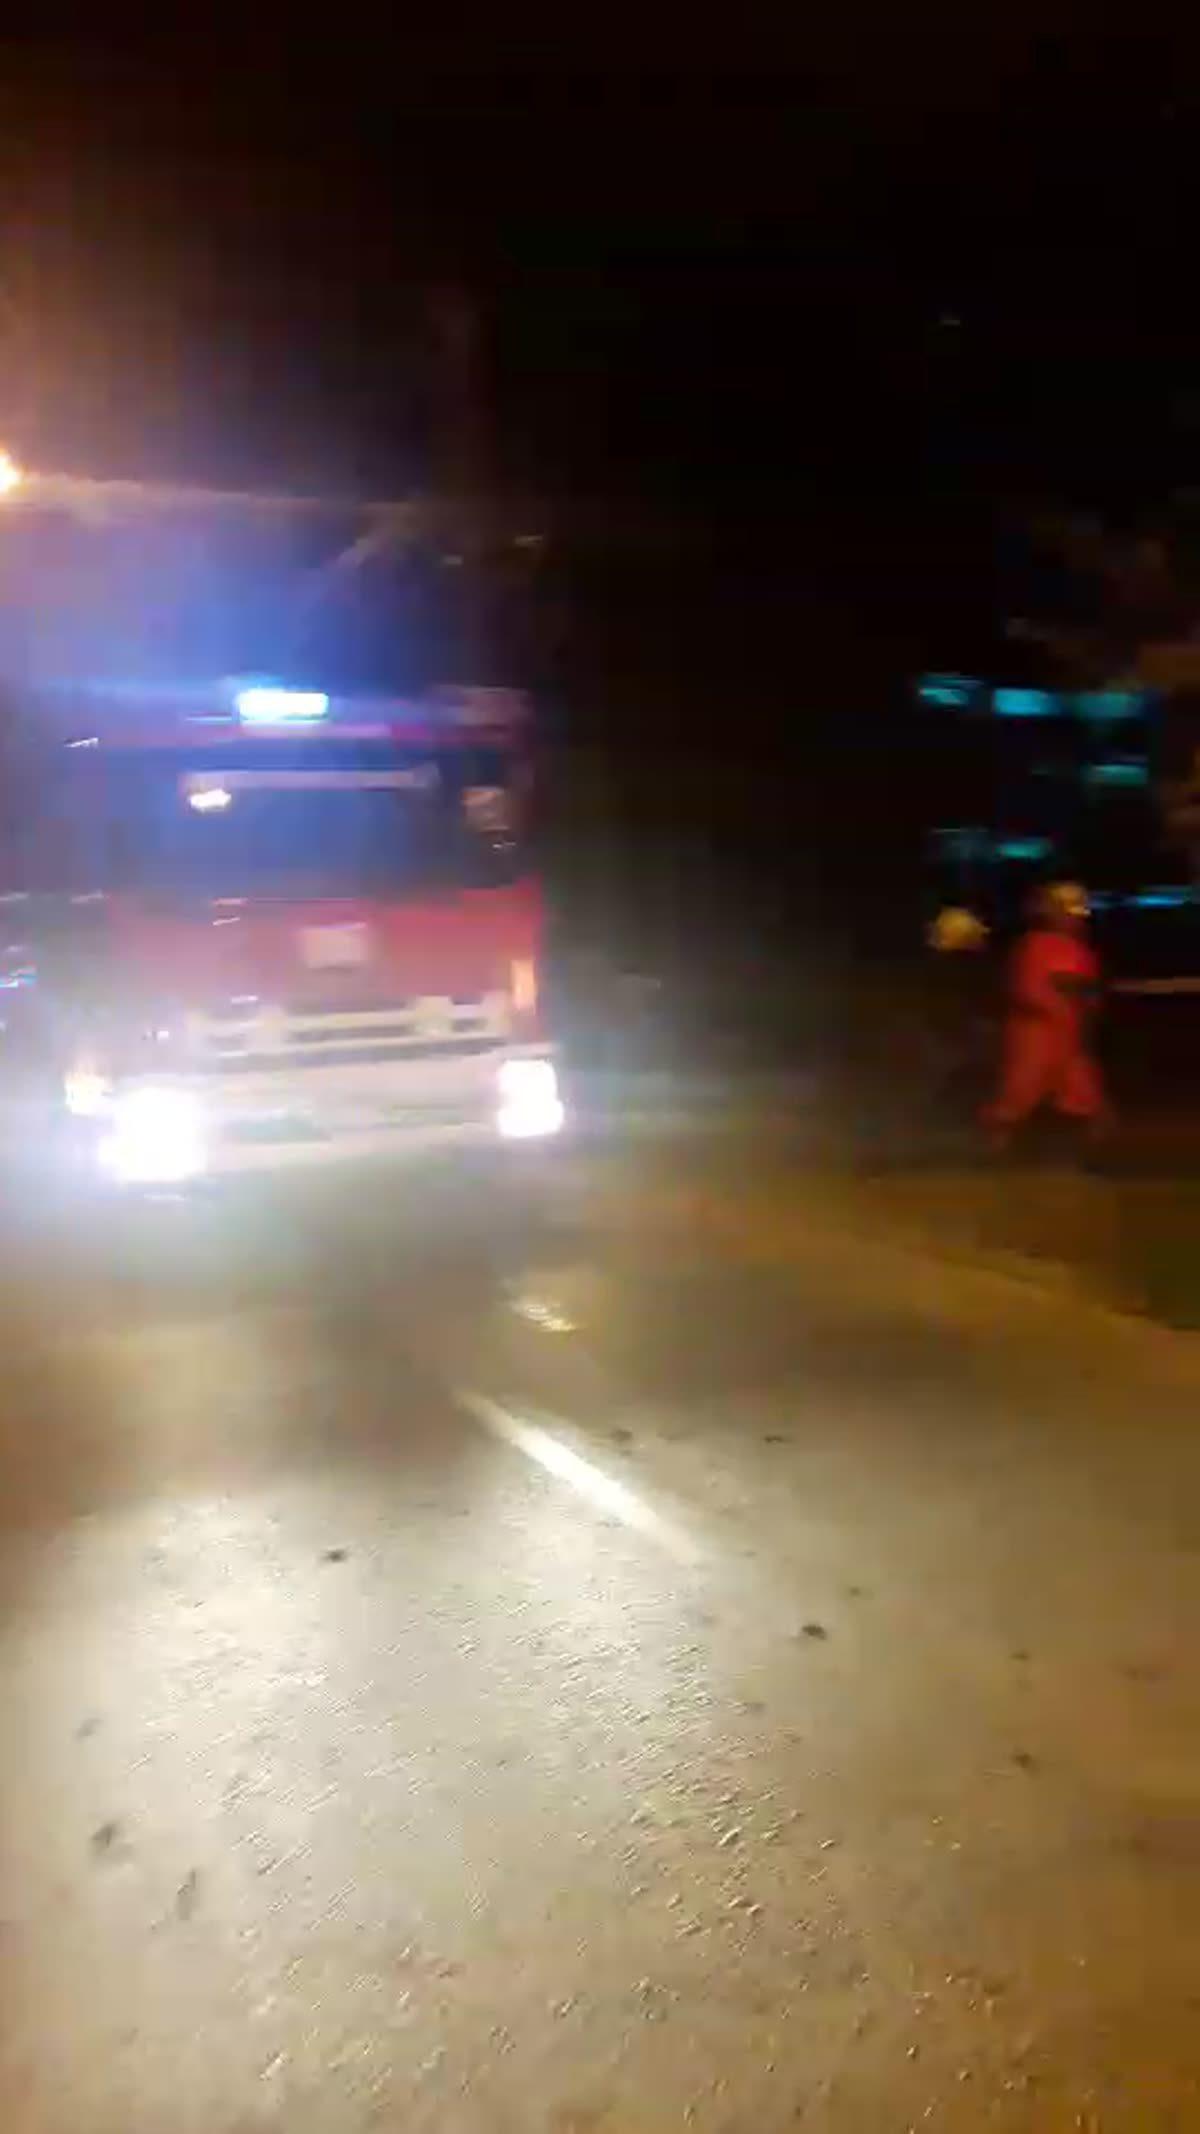 ไฟไหม้แท็กซี่ จอดทิ้งไว้ย่านนทบุรี ทำเปลวไฟสูง 5 เมตร คาดแก๊สรั่ว